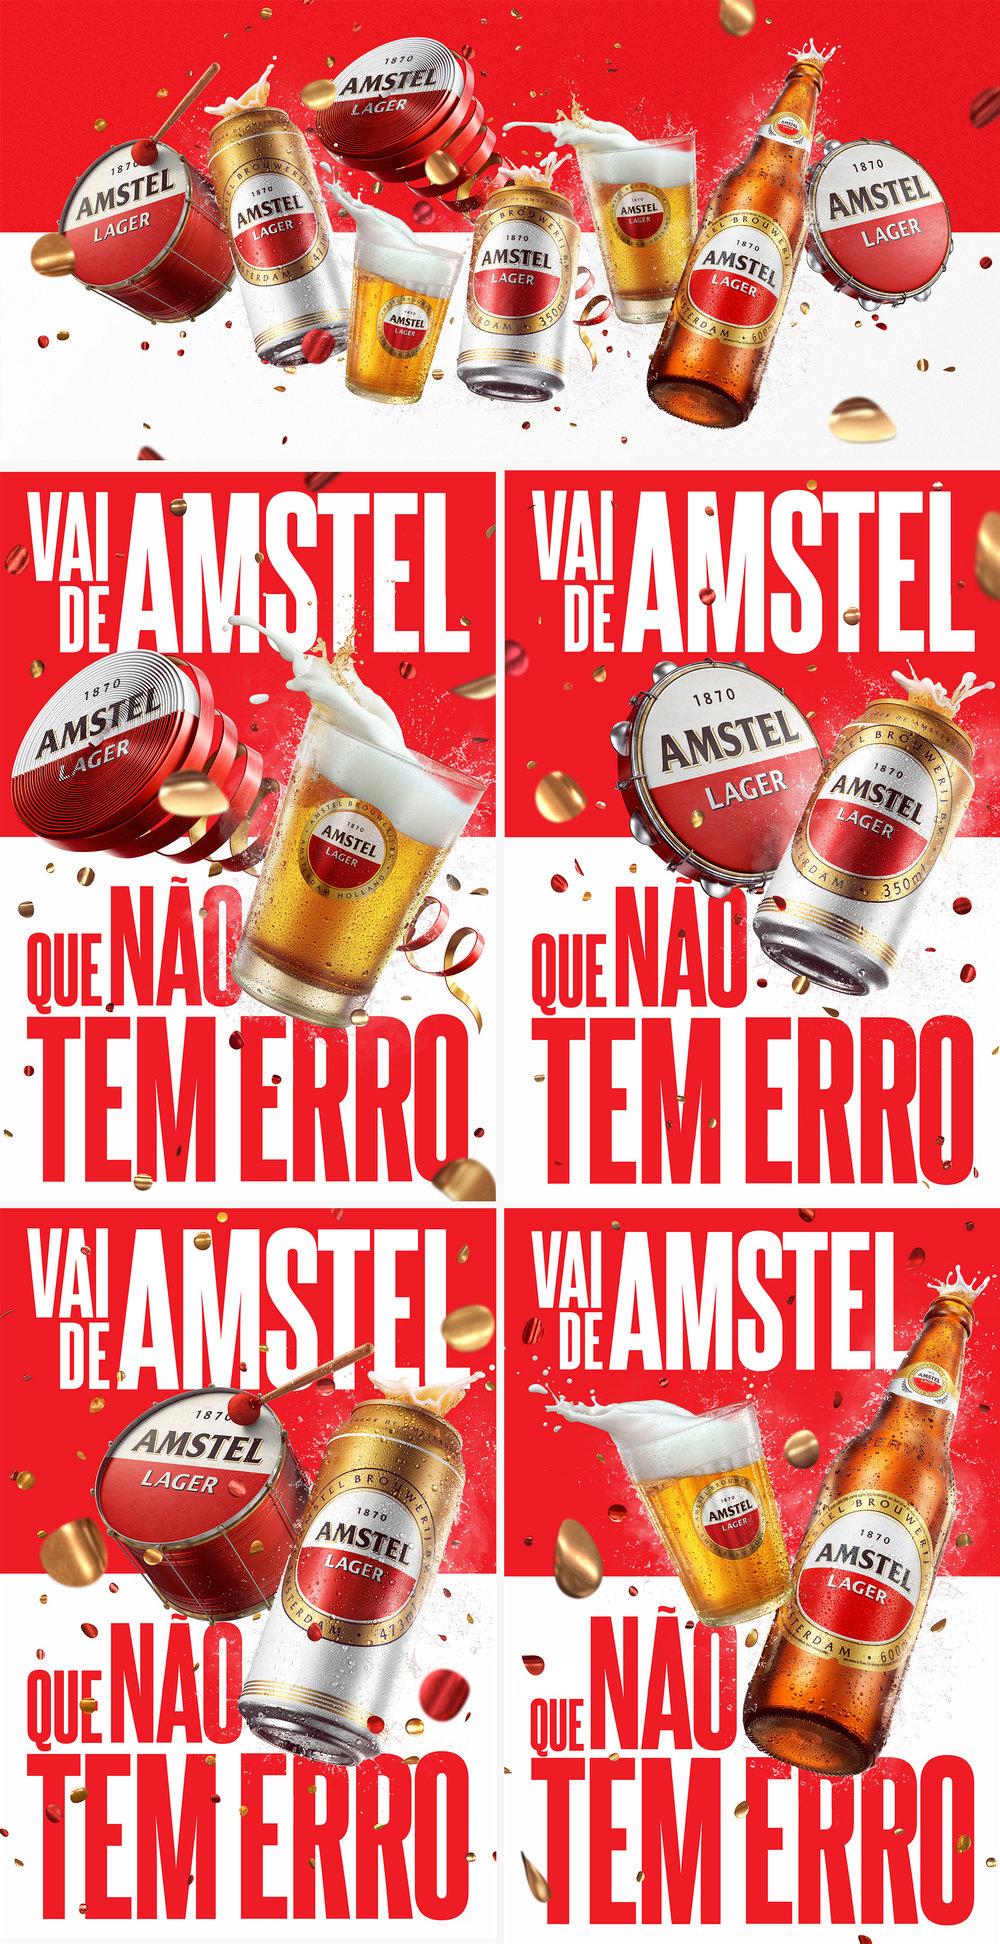 board_amstel.jpg